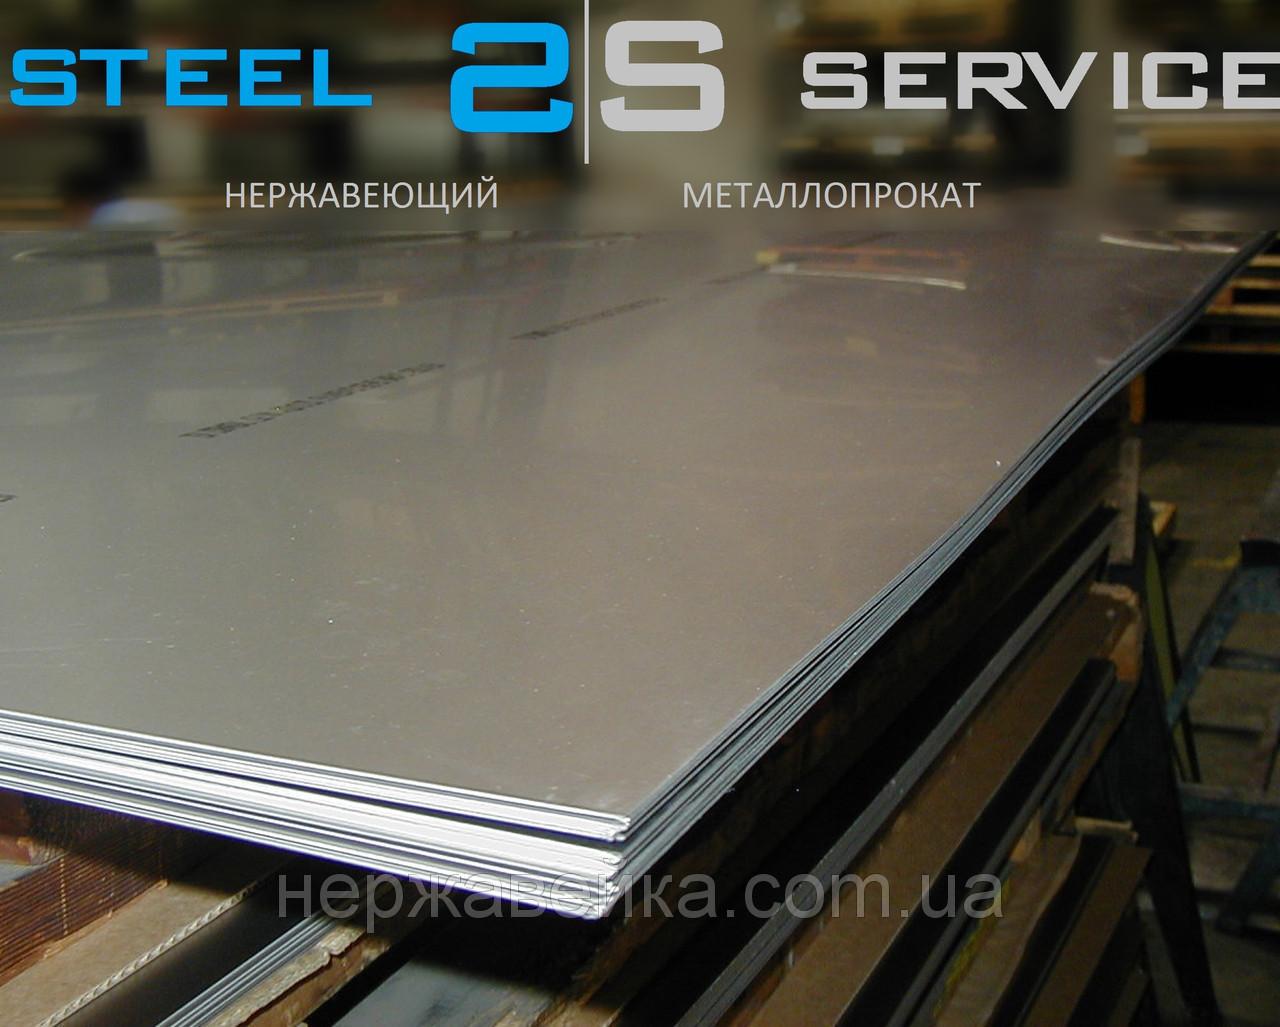 Нержавейка лист 80х1500х6000мм  AISI 321(08Х18Н10Т) F1 - горячекатанный, пищевой